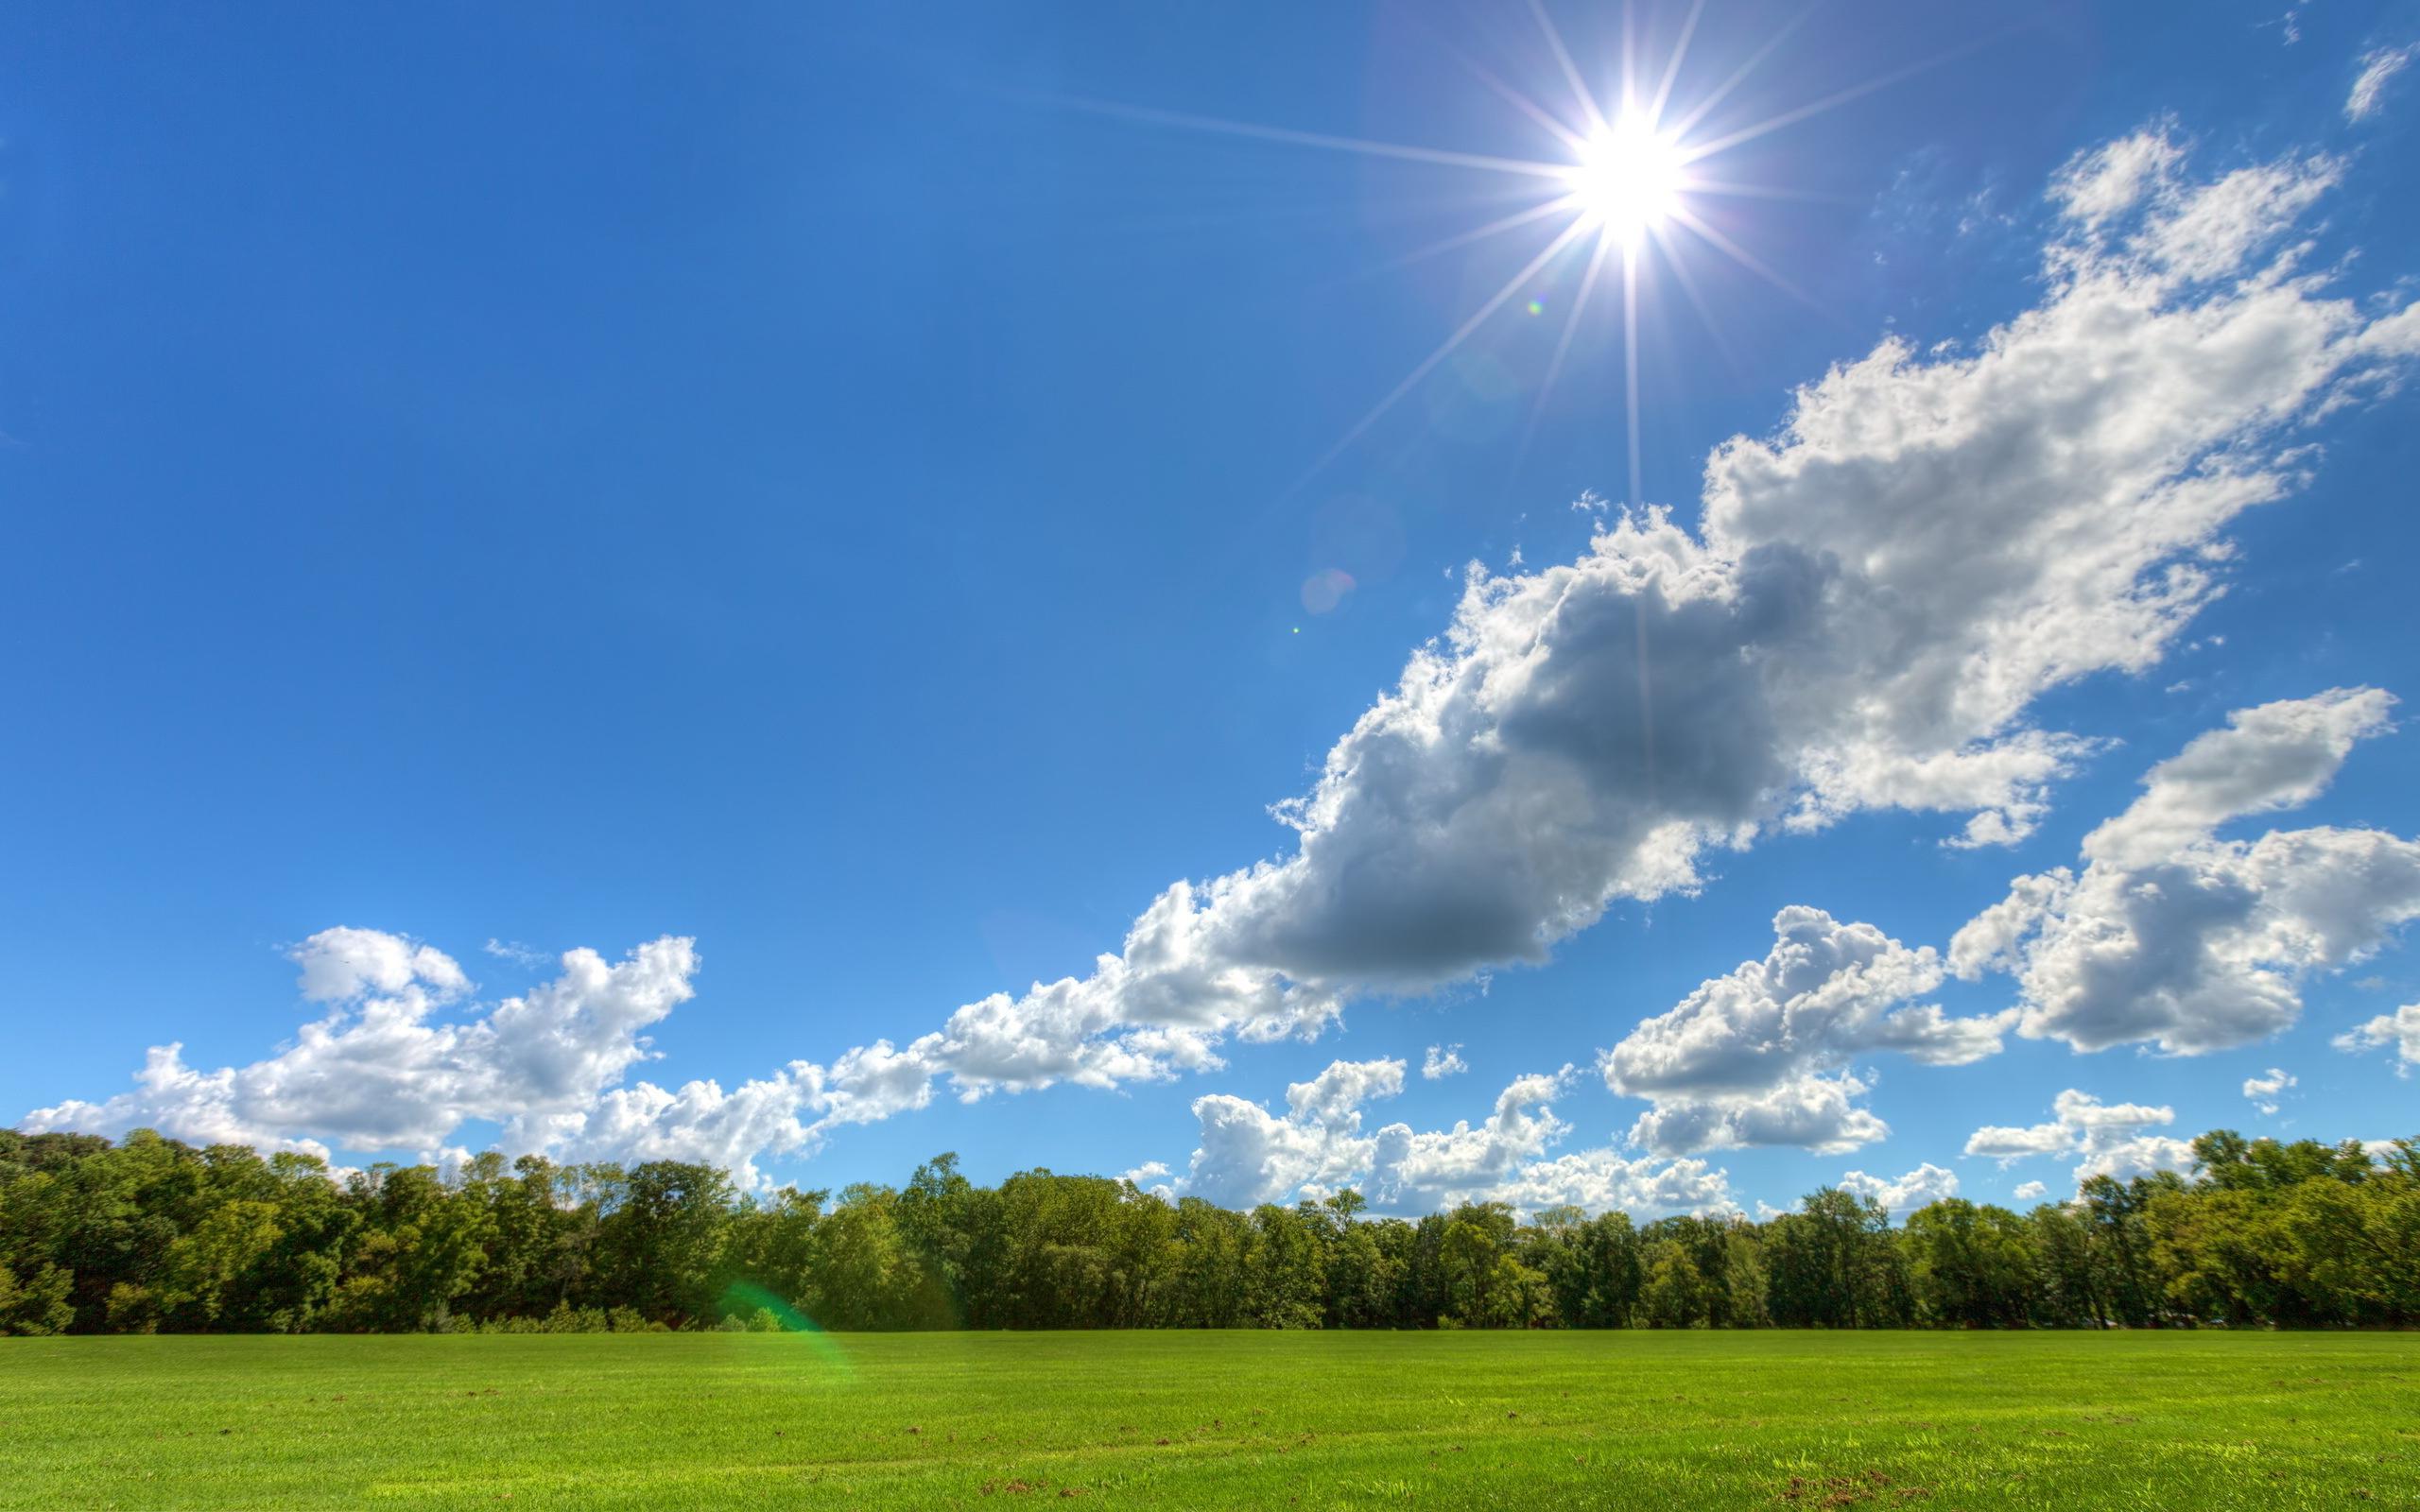 sunny-day-landscape.jpg